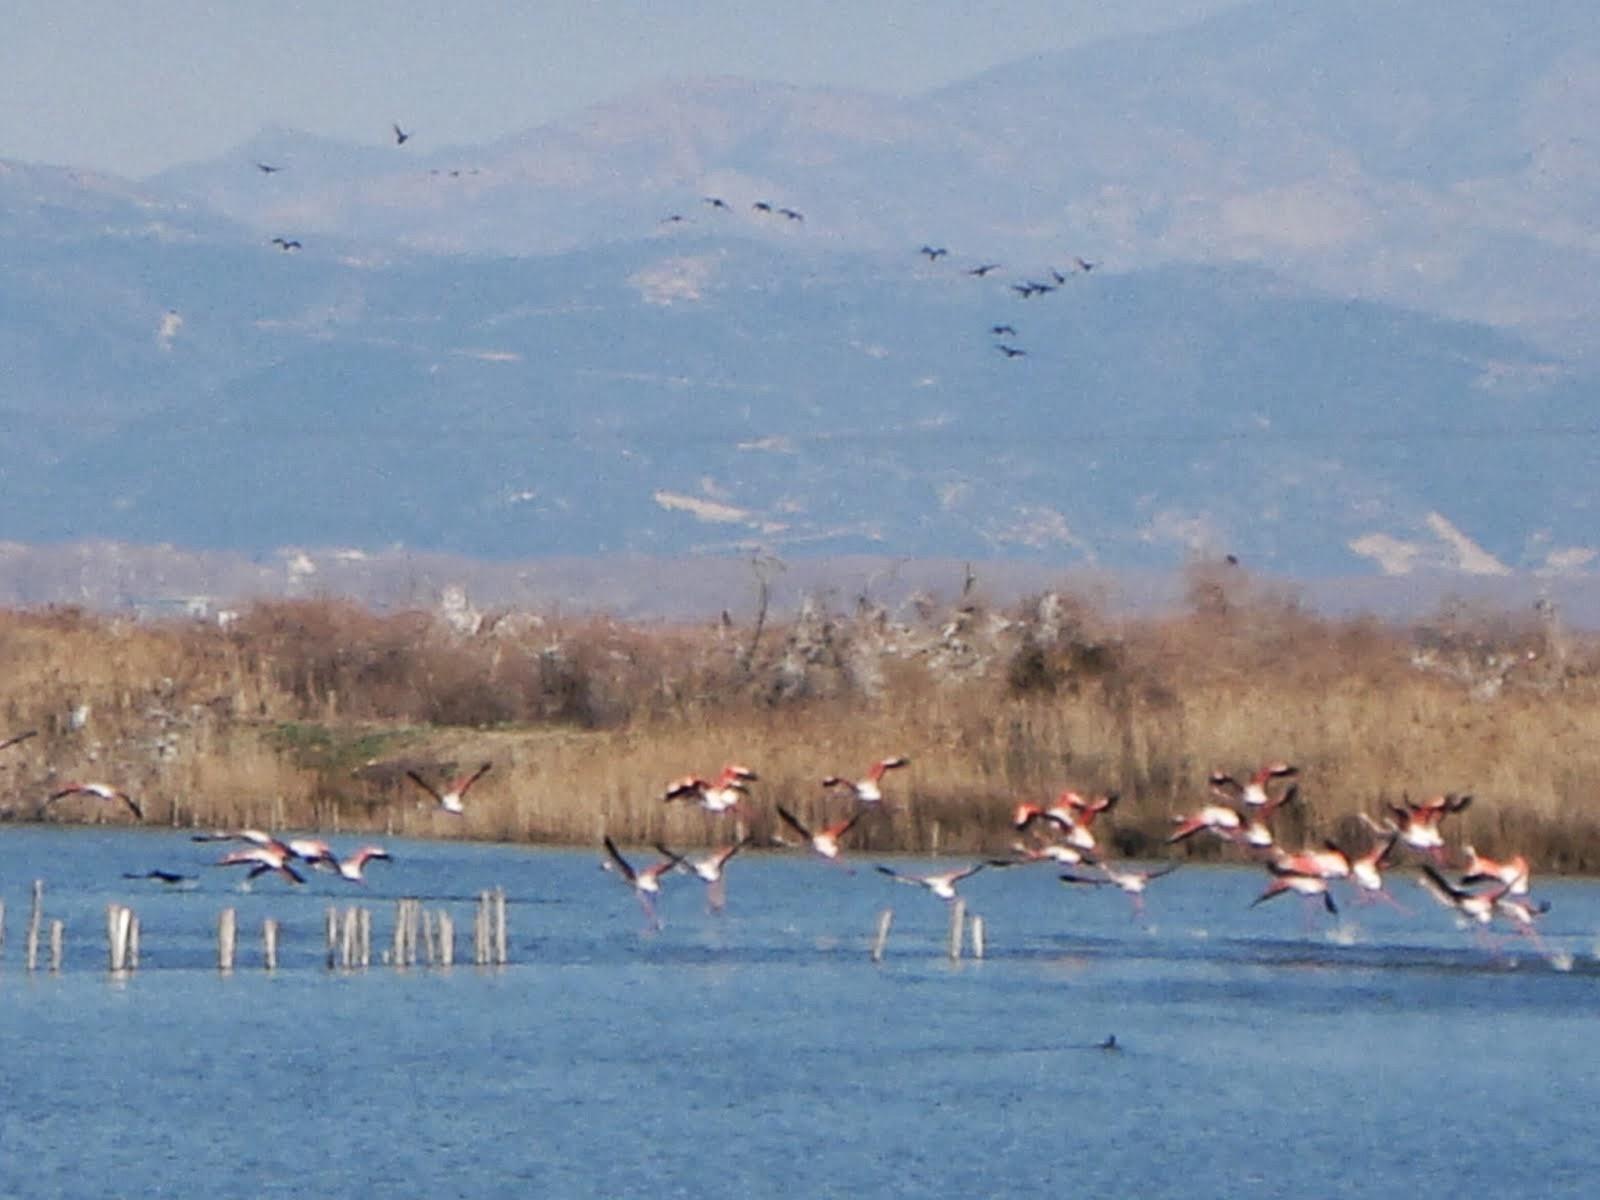 φοινικόπτερα...δίνουν το χρώμα κι αίσθηση κομψότητας στα λιμνάζοντα νερά...